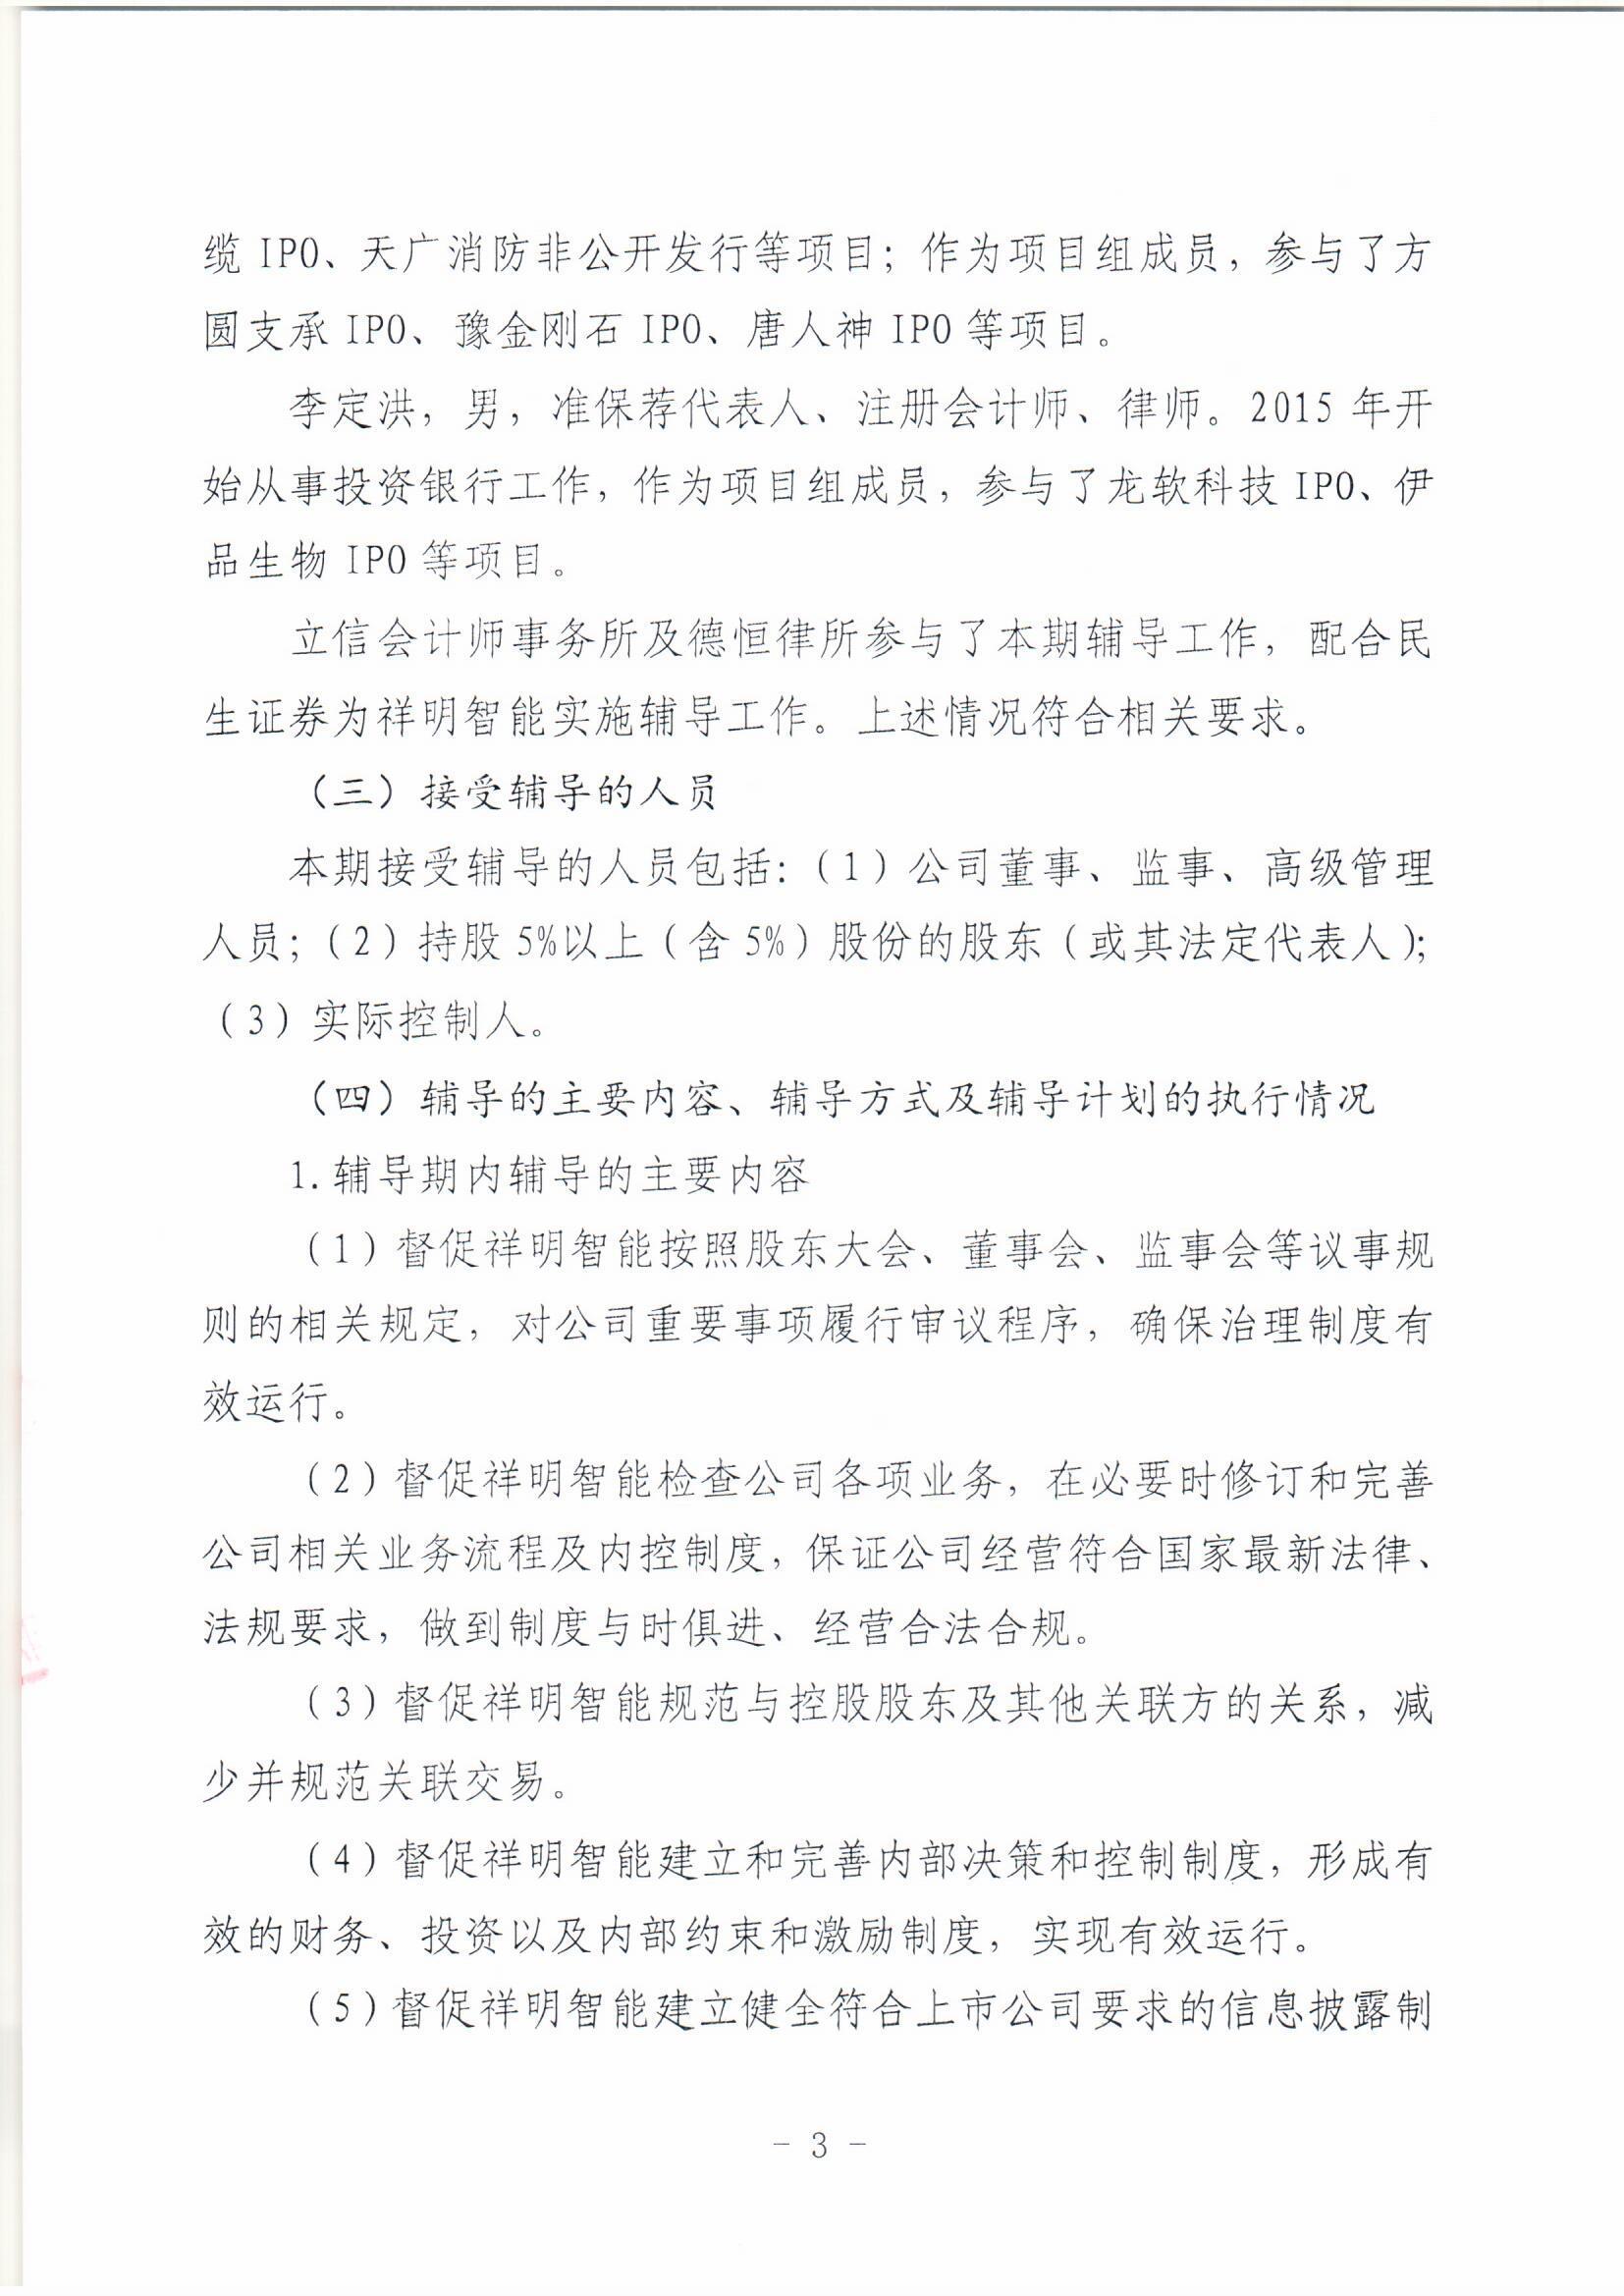 祥明智能第一期辅导的备案报告-上传版20200918_页面_03.jpg